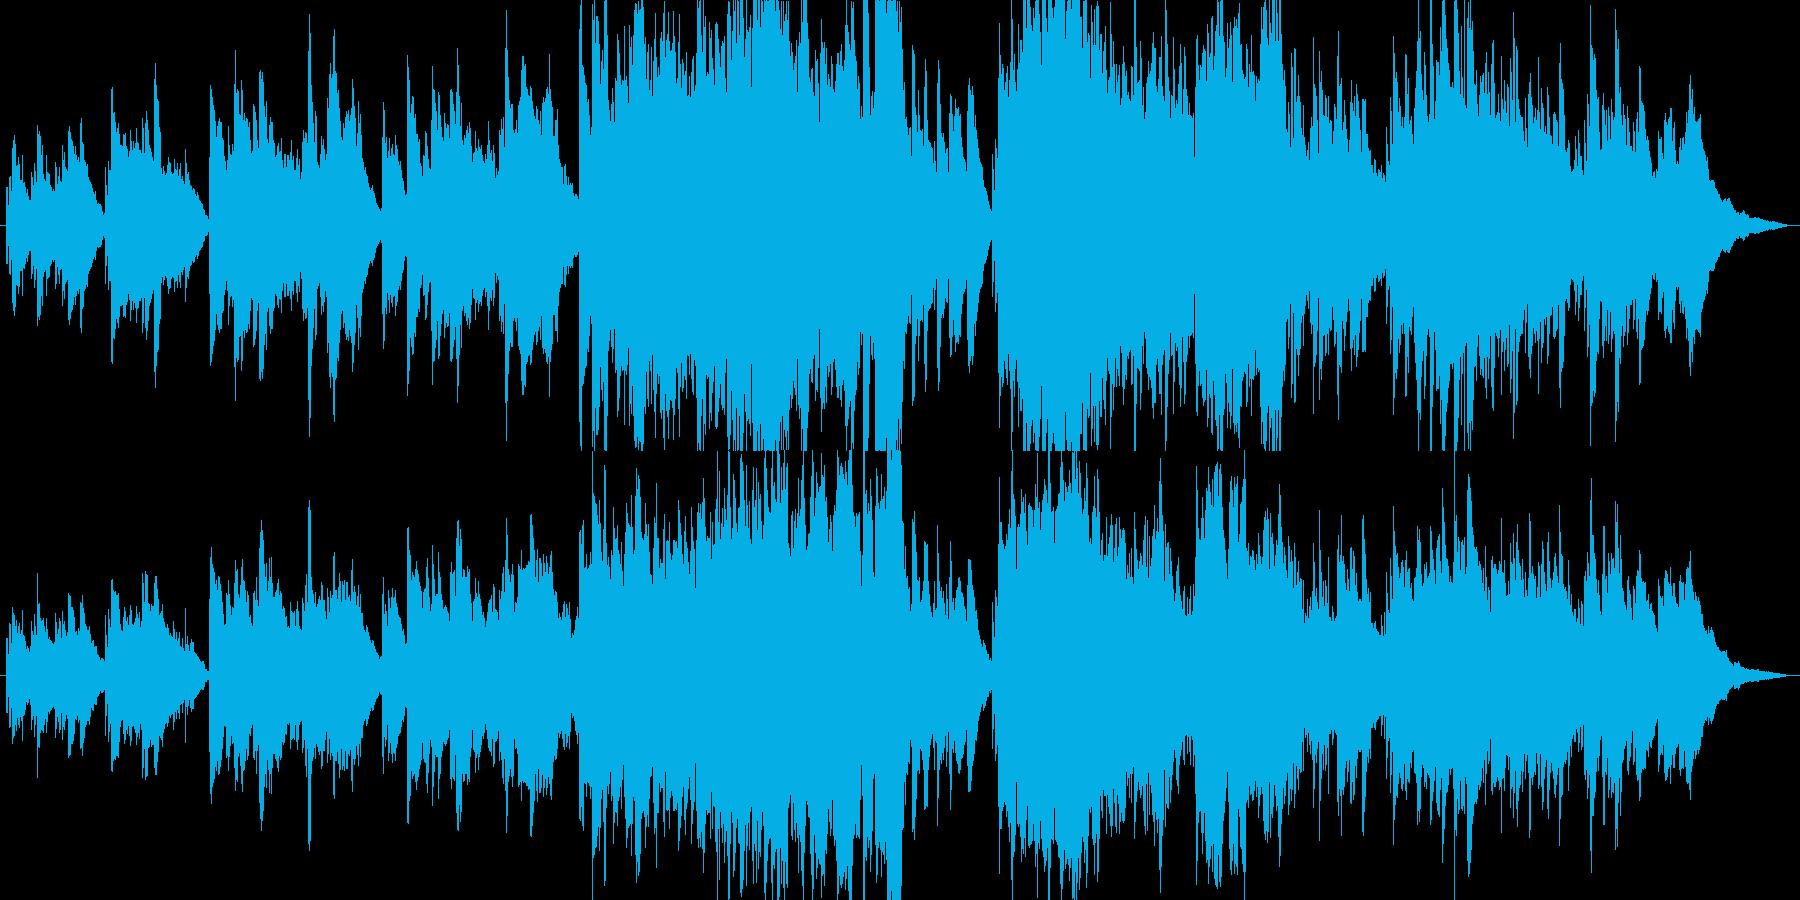 オルゴールがロマンチックな感動的な曲の再生済みの波形